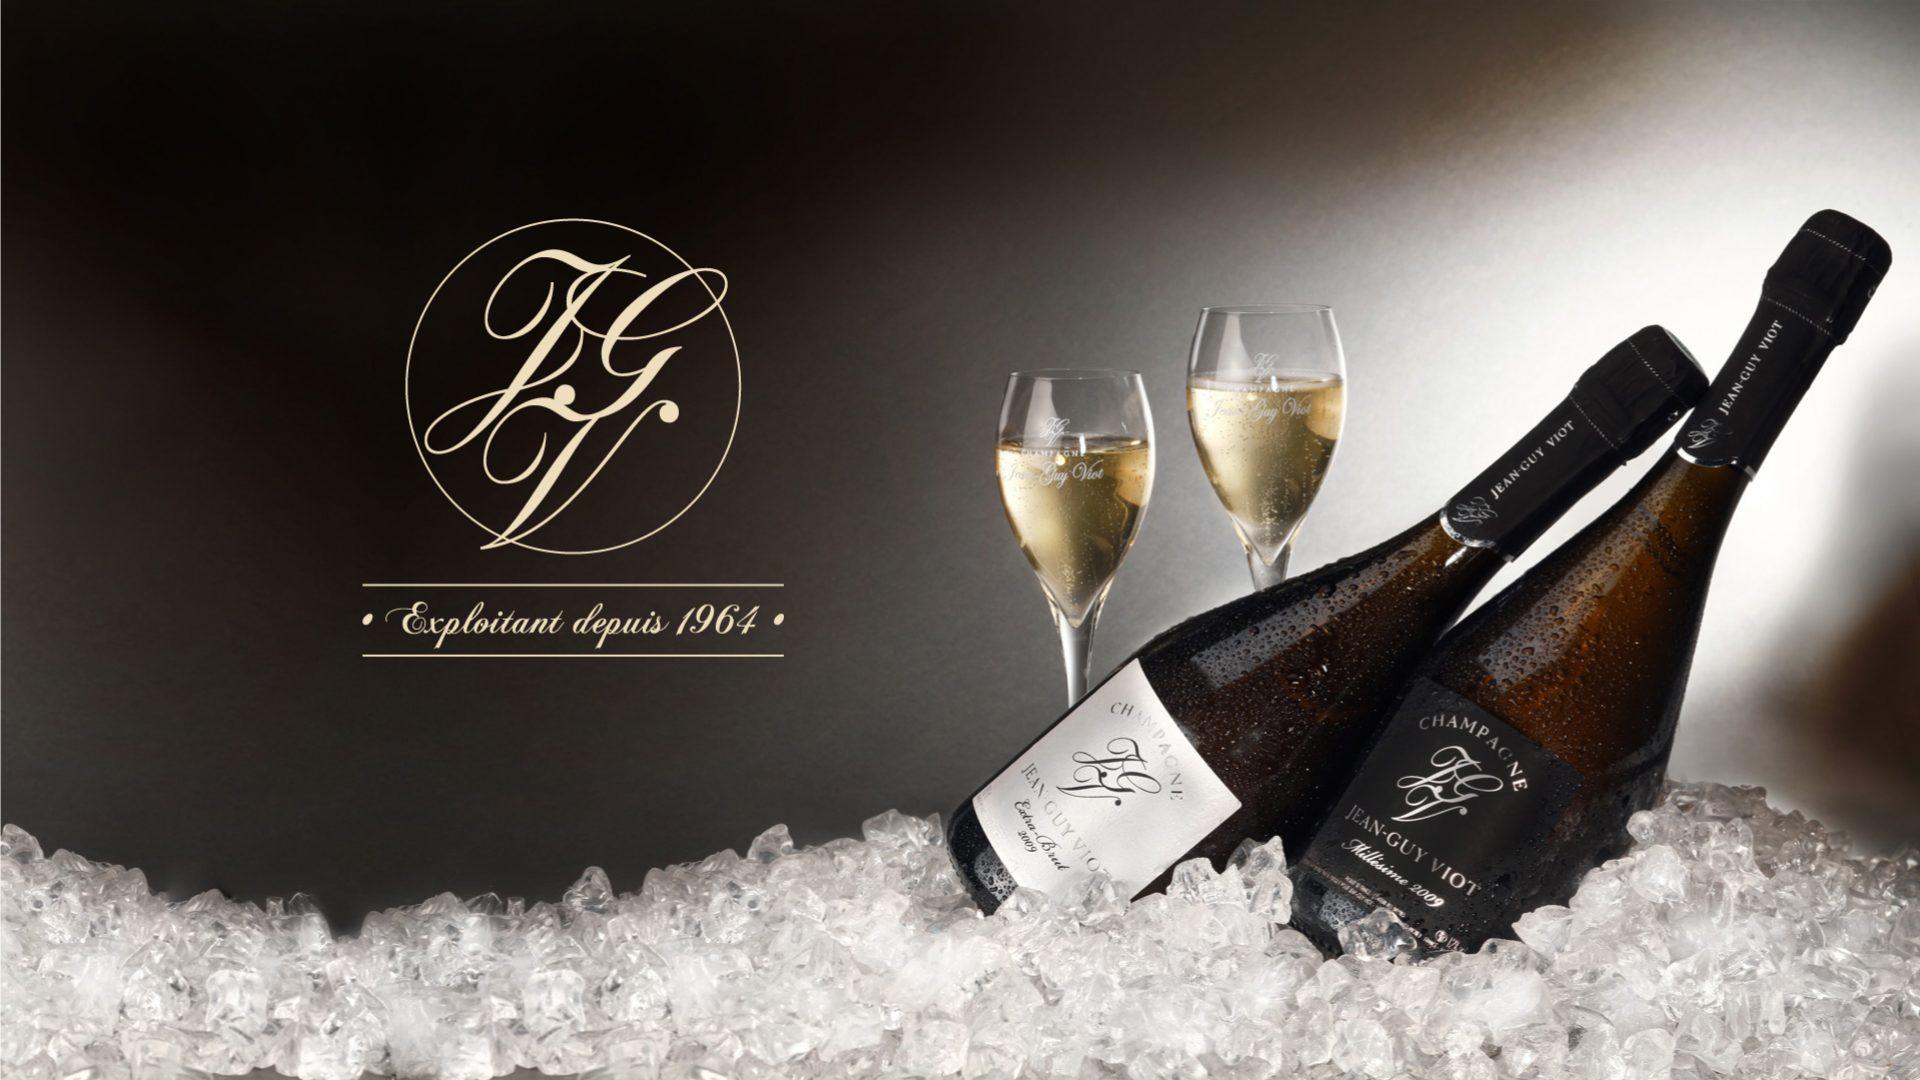 Champagne Jean-Guy VIOT